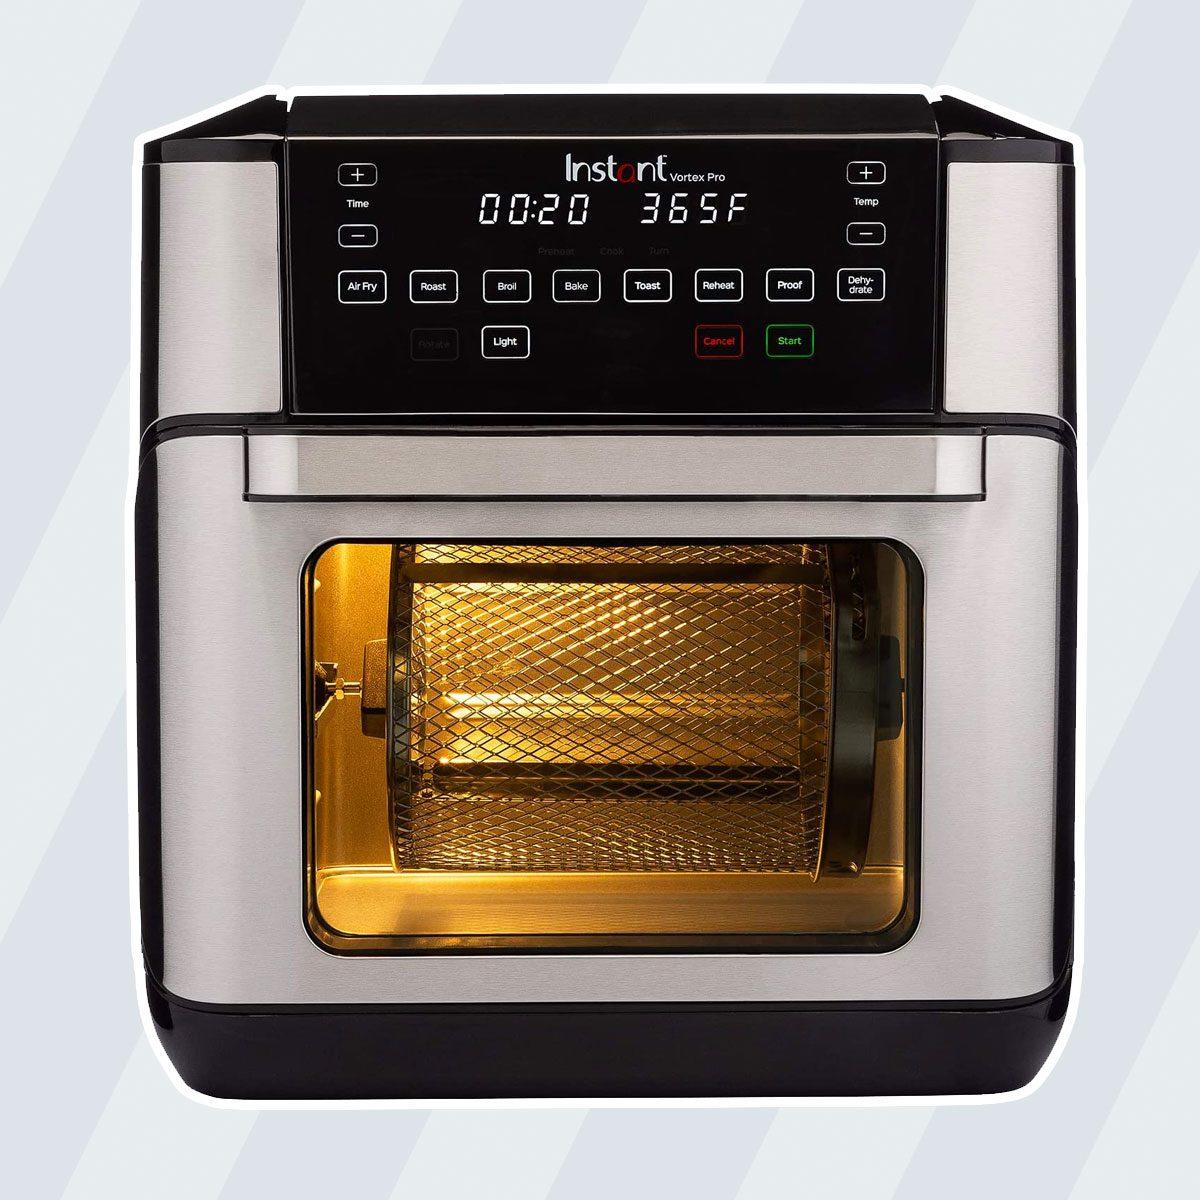 Instant Vortex Pro Air Fryer